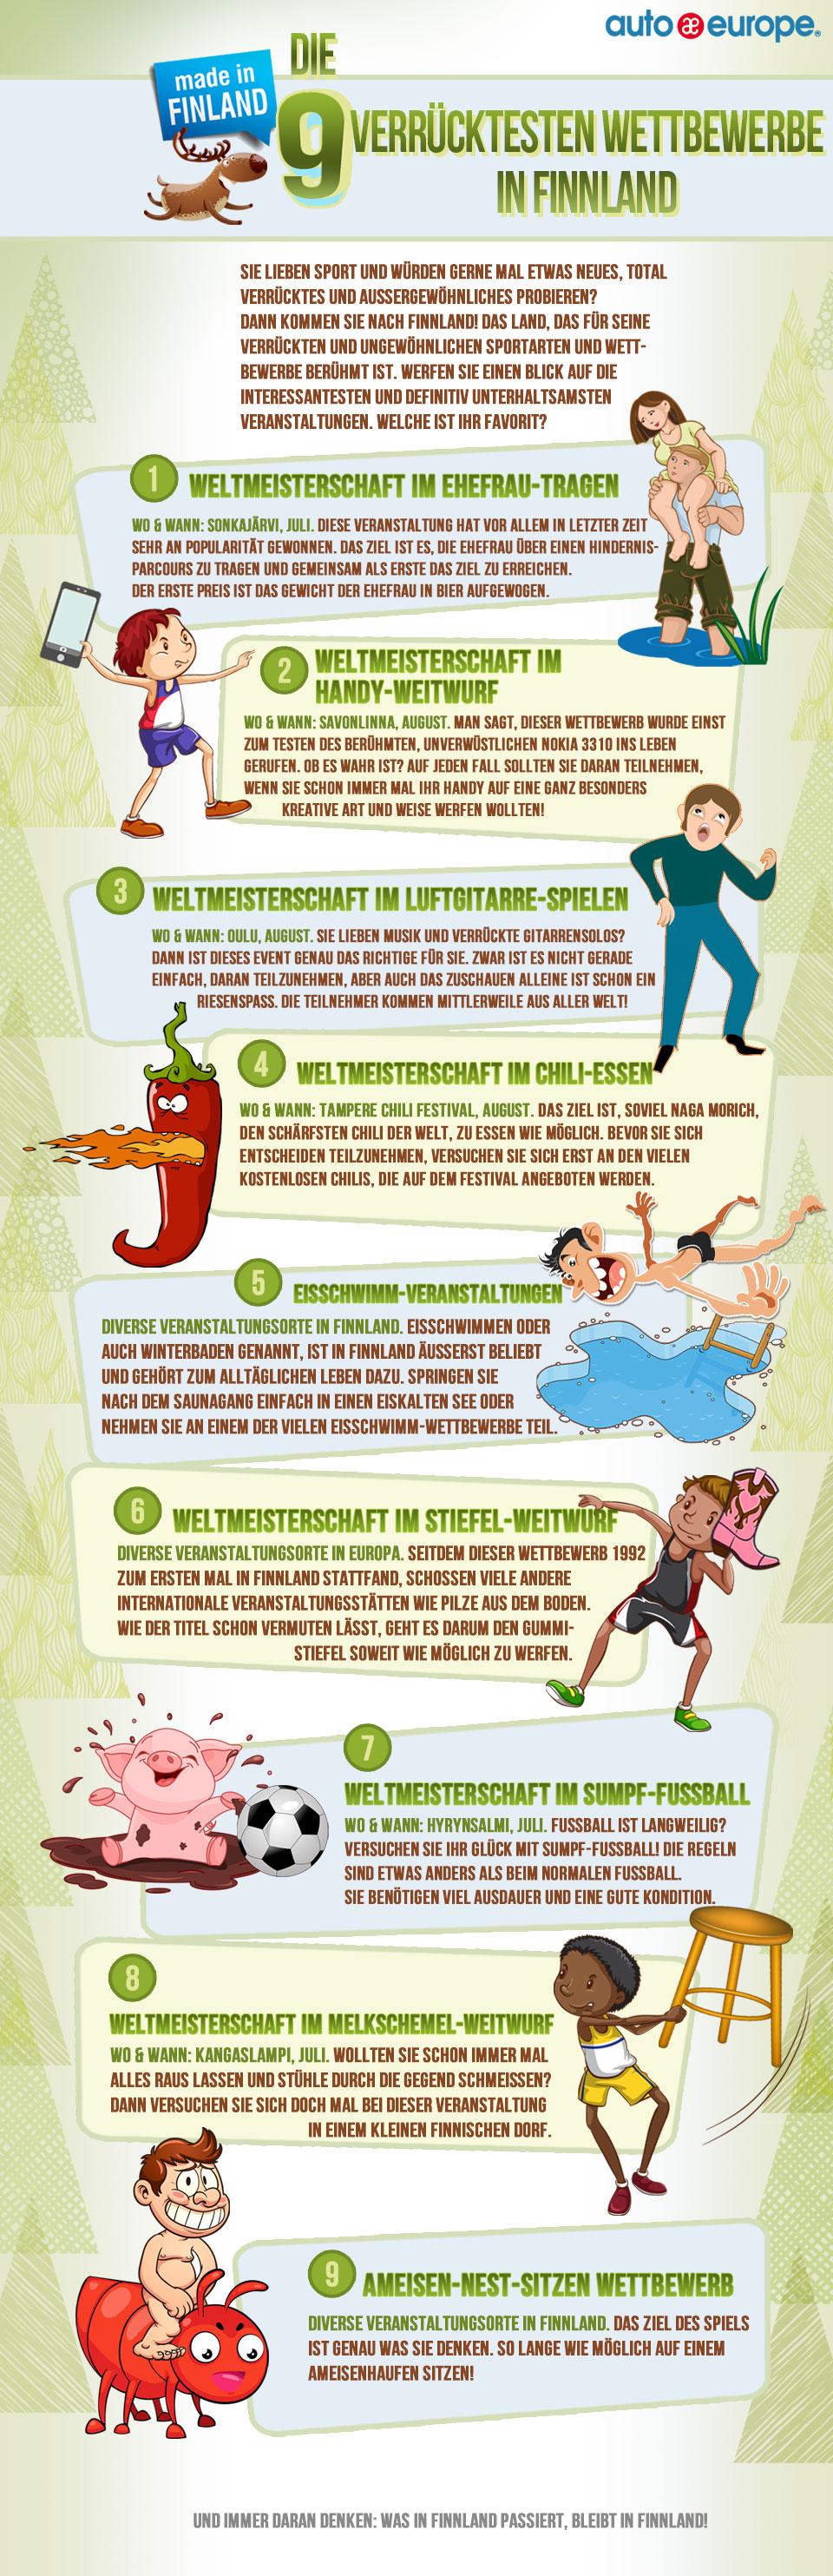 Die 9 verrücktesten Wettbewerbe in Finnland